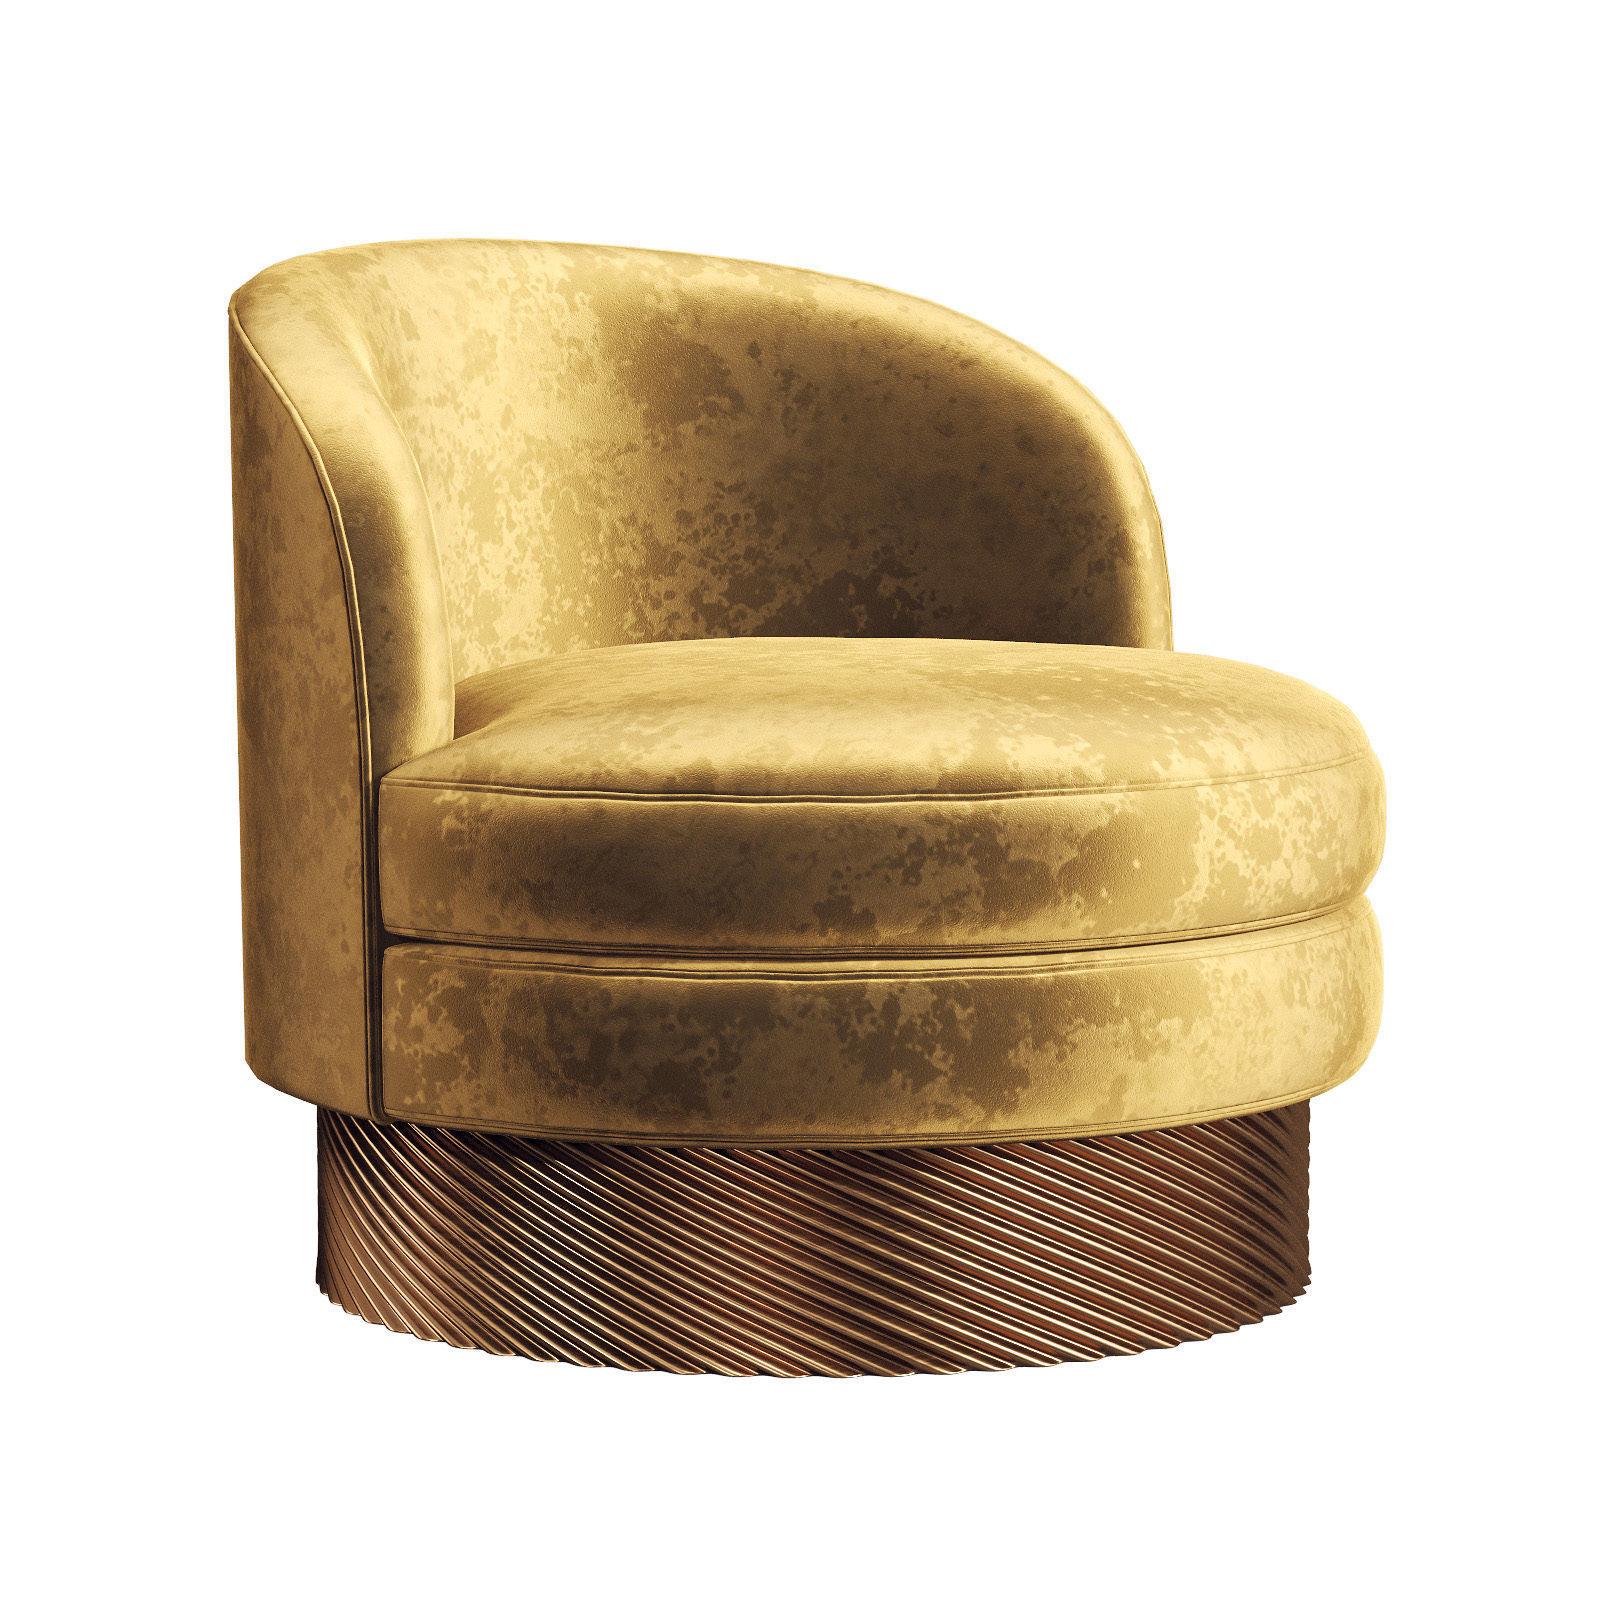 Club sofa chair 107